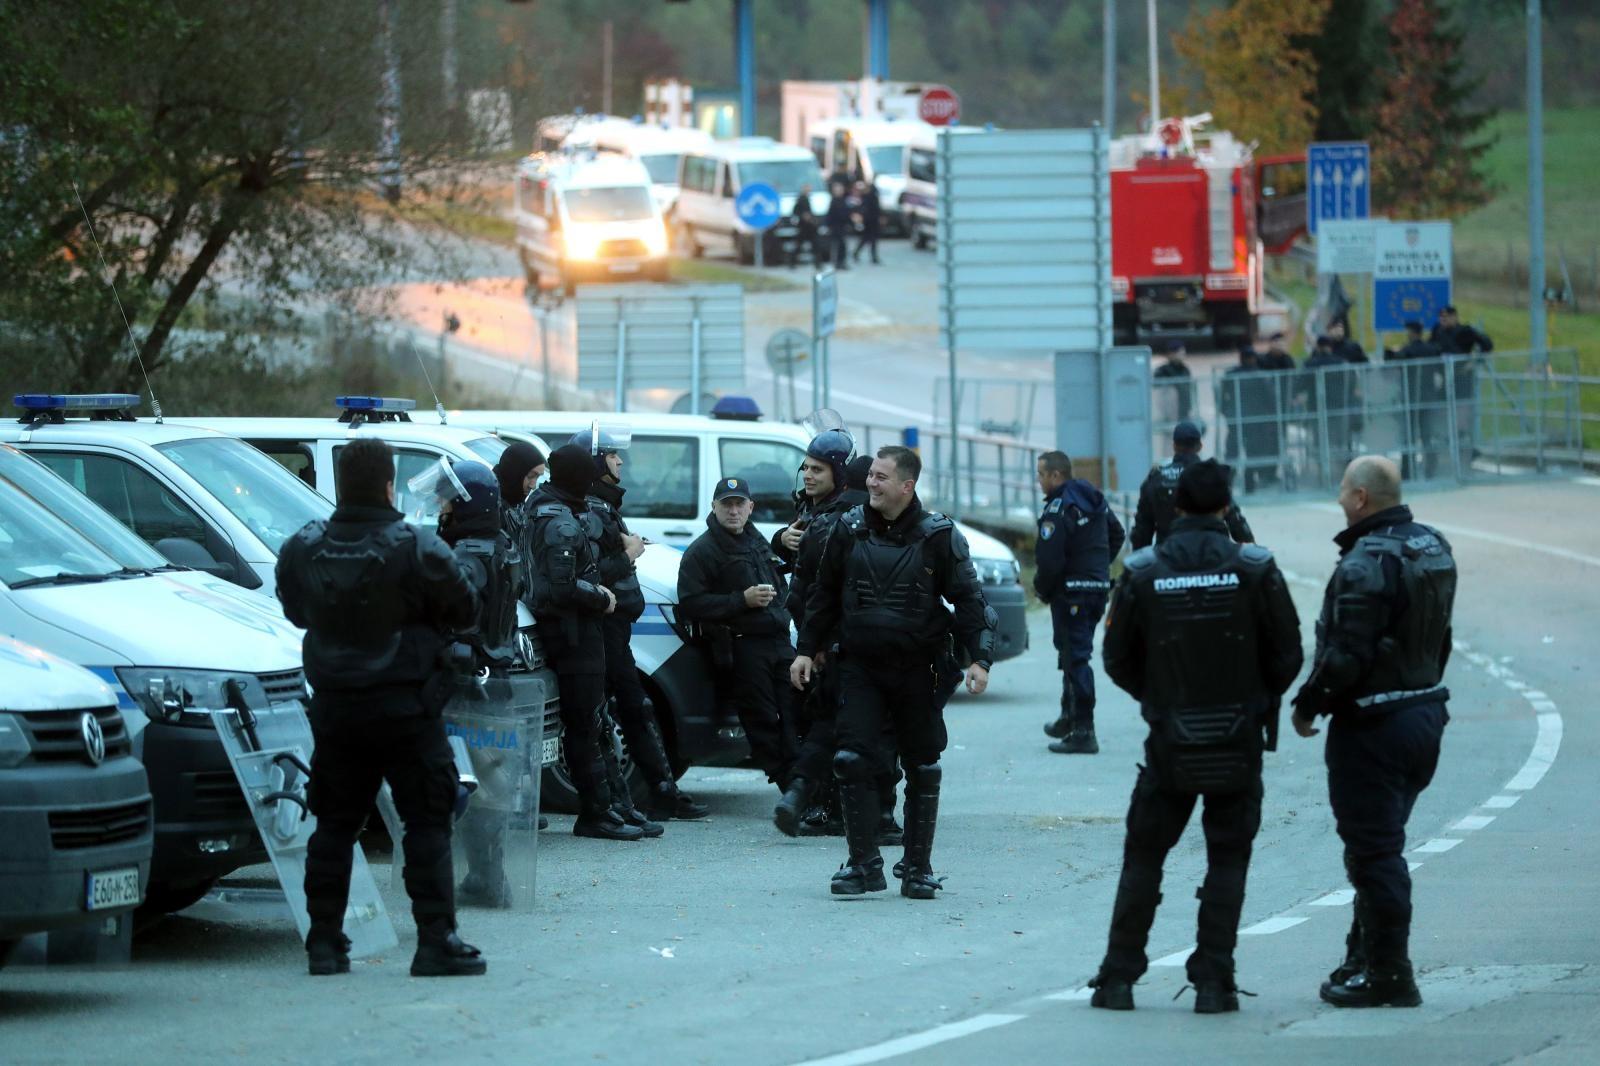 Policija BiH  autobusima izmjestila migrante s Graničnog prijelaza Maljevac